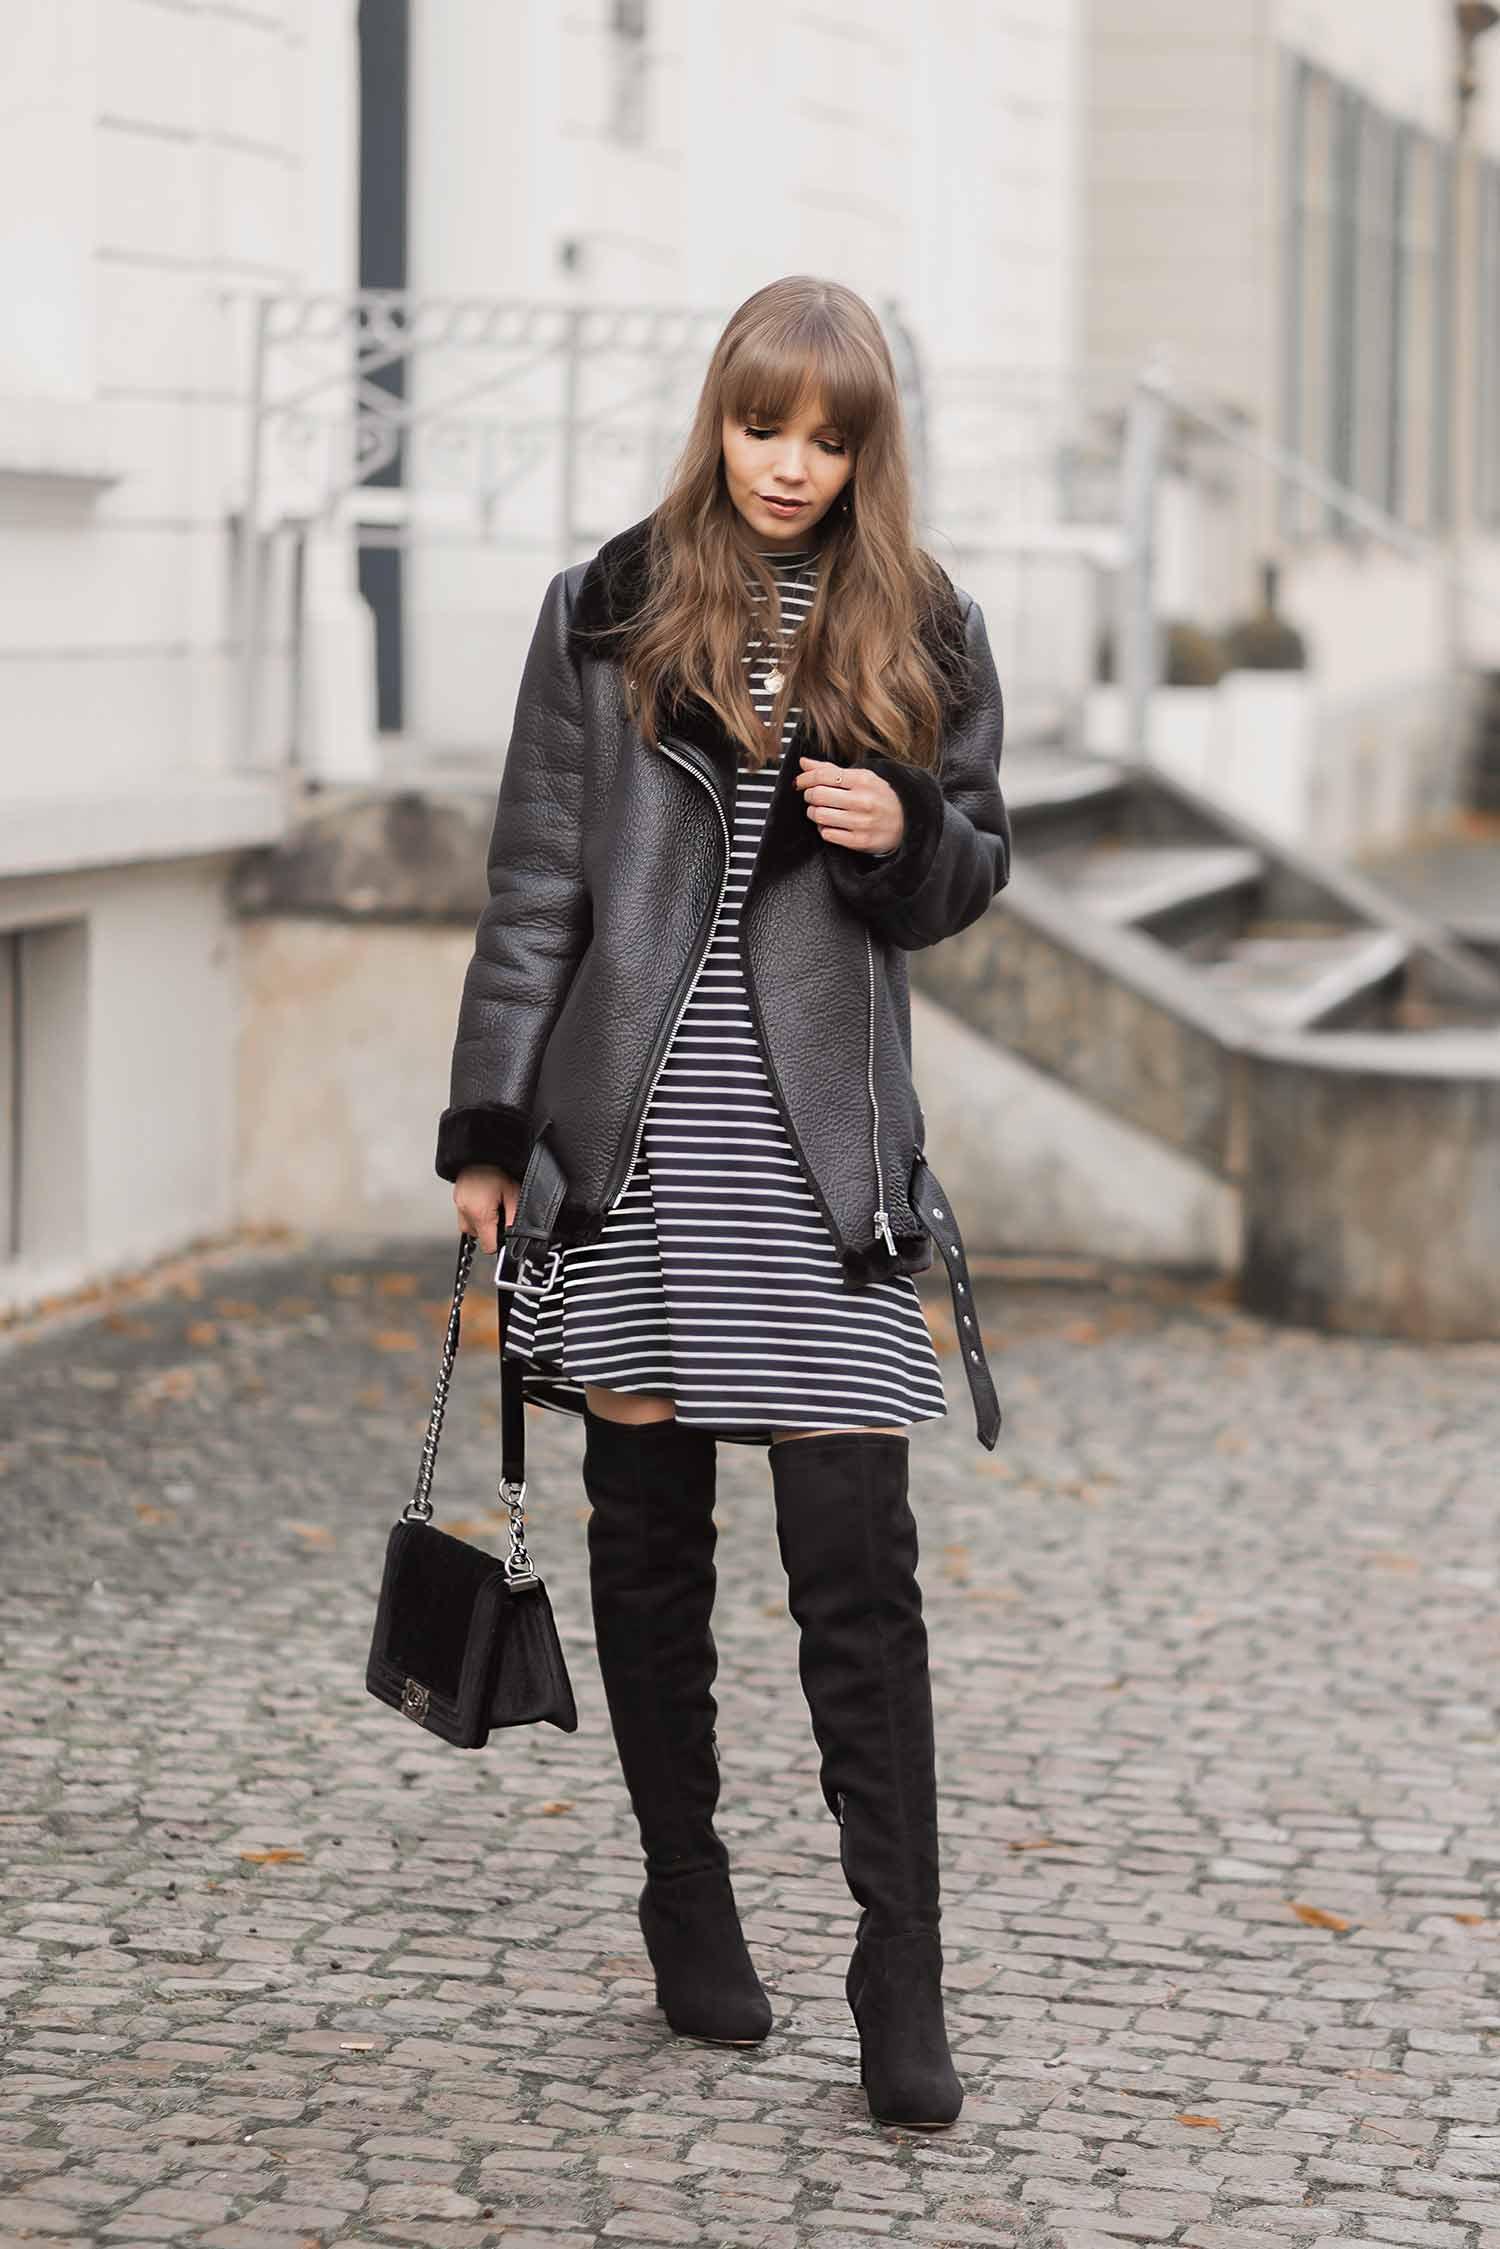 Rollkragenkleider im Winter stylen, Overknee Stiefel, Shoelove by Deichmann